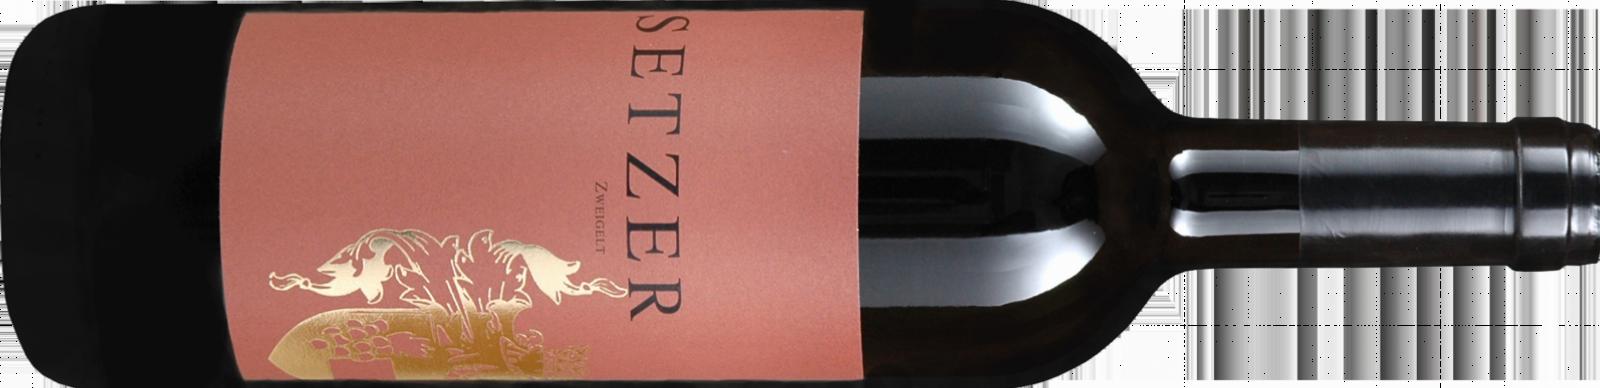 Weingut Setzer Zweigelt 2013